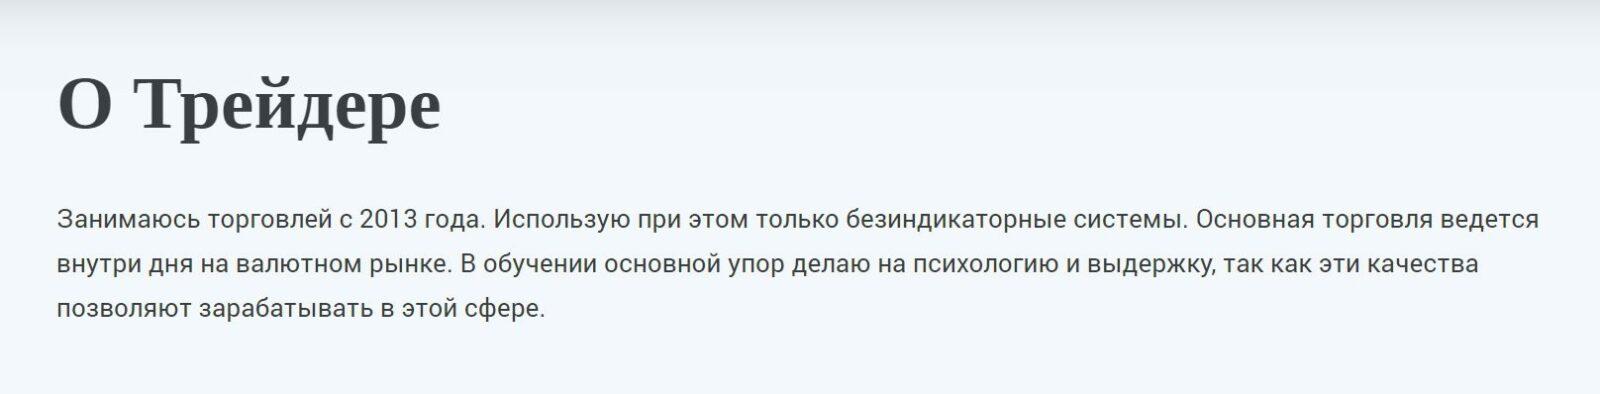 Информация о трейдере Максиме Михайлове